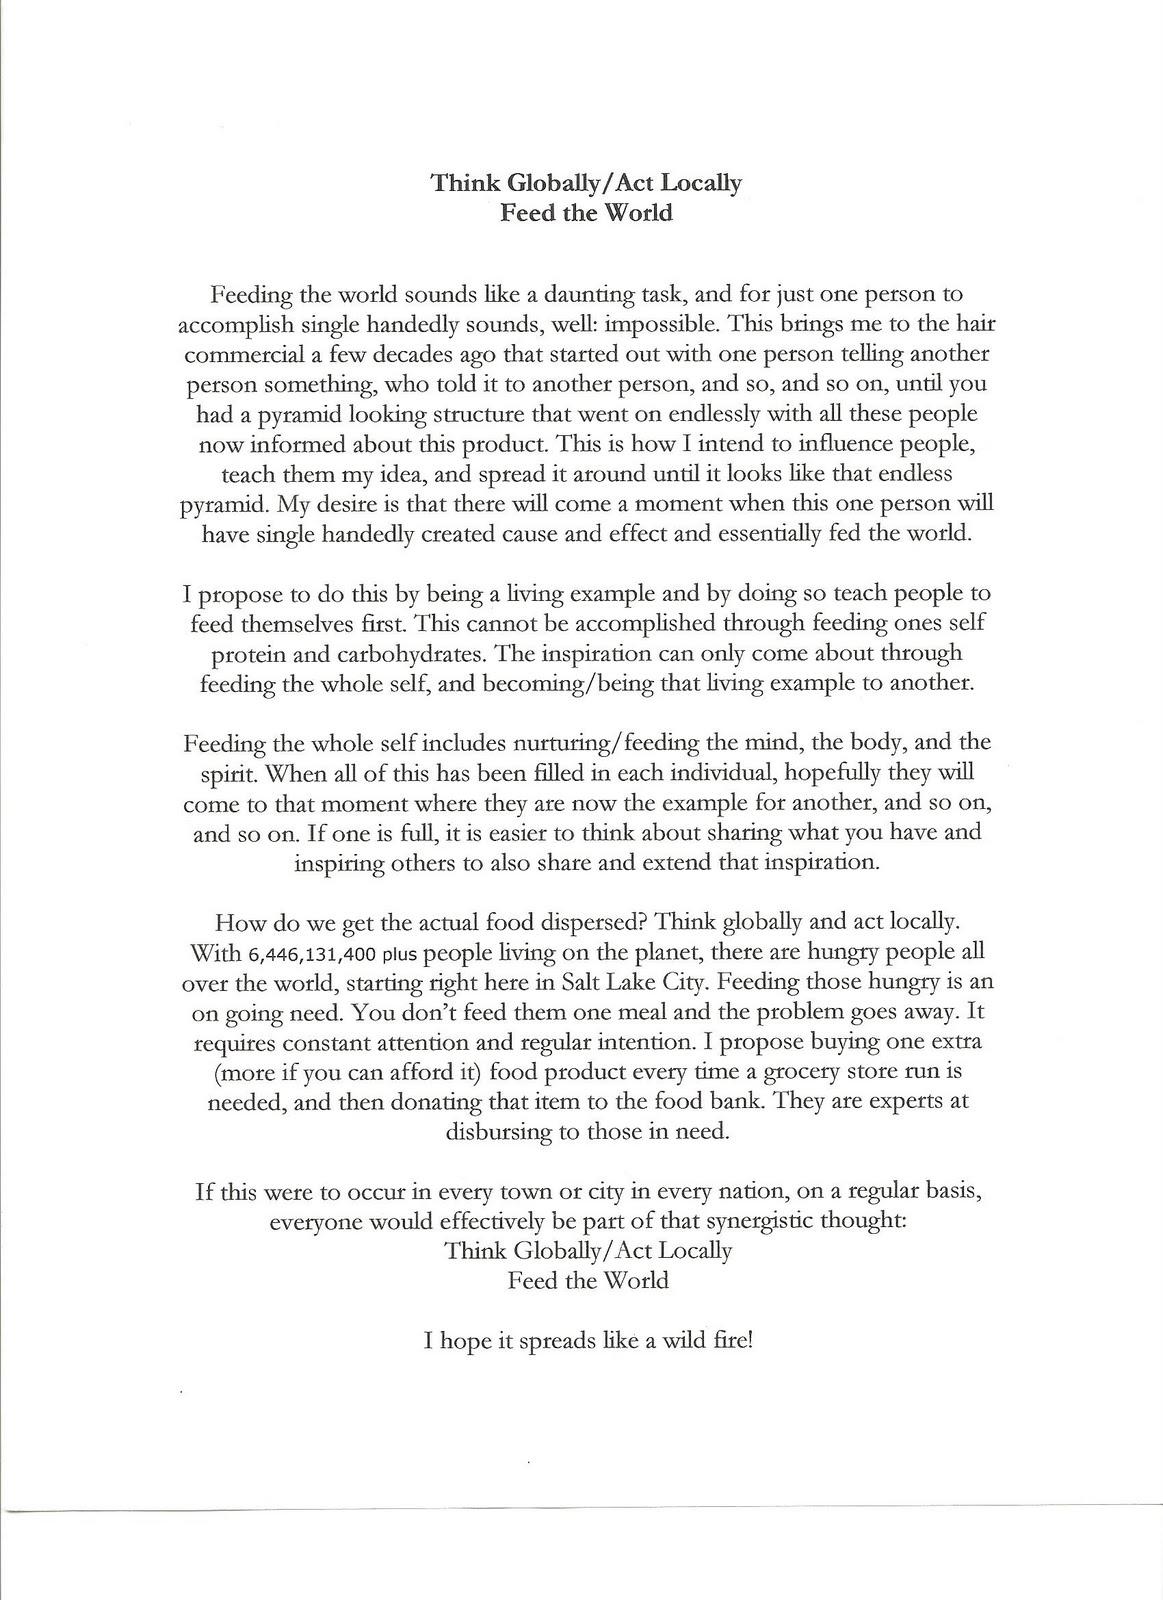 Goi peace foundation essay contest 2012